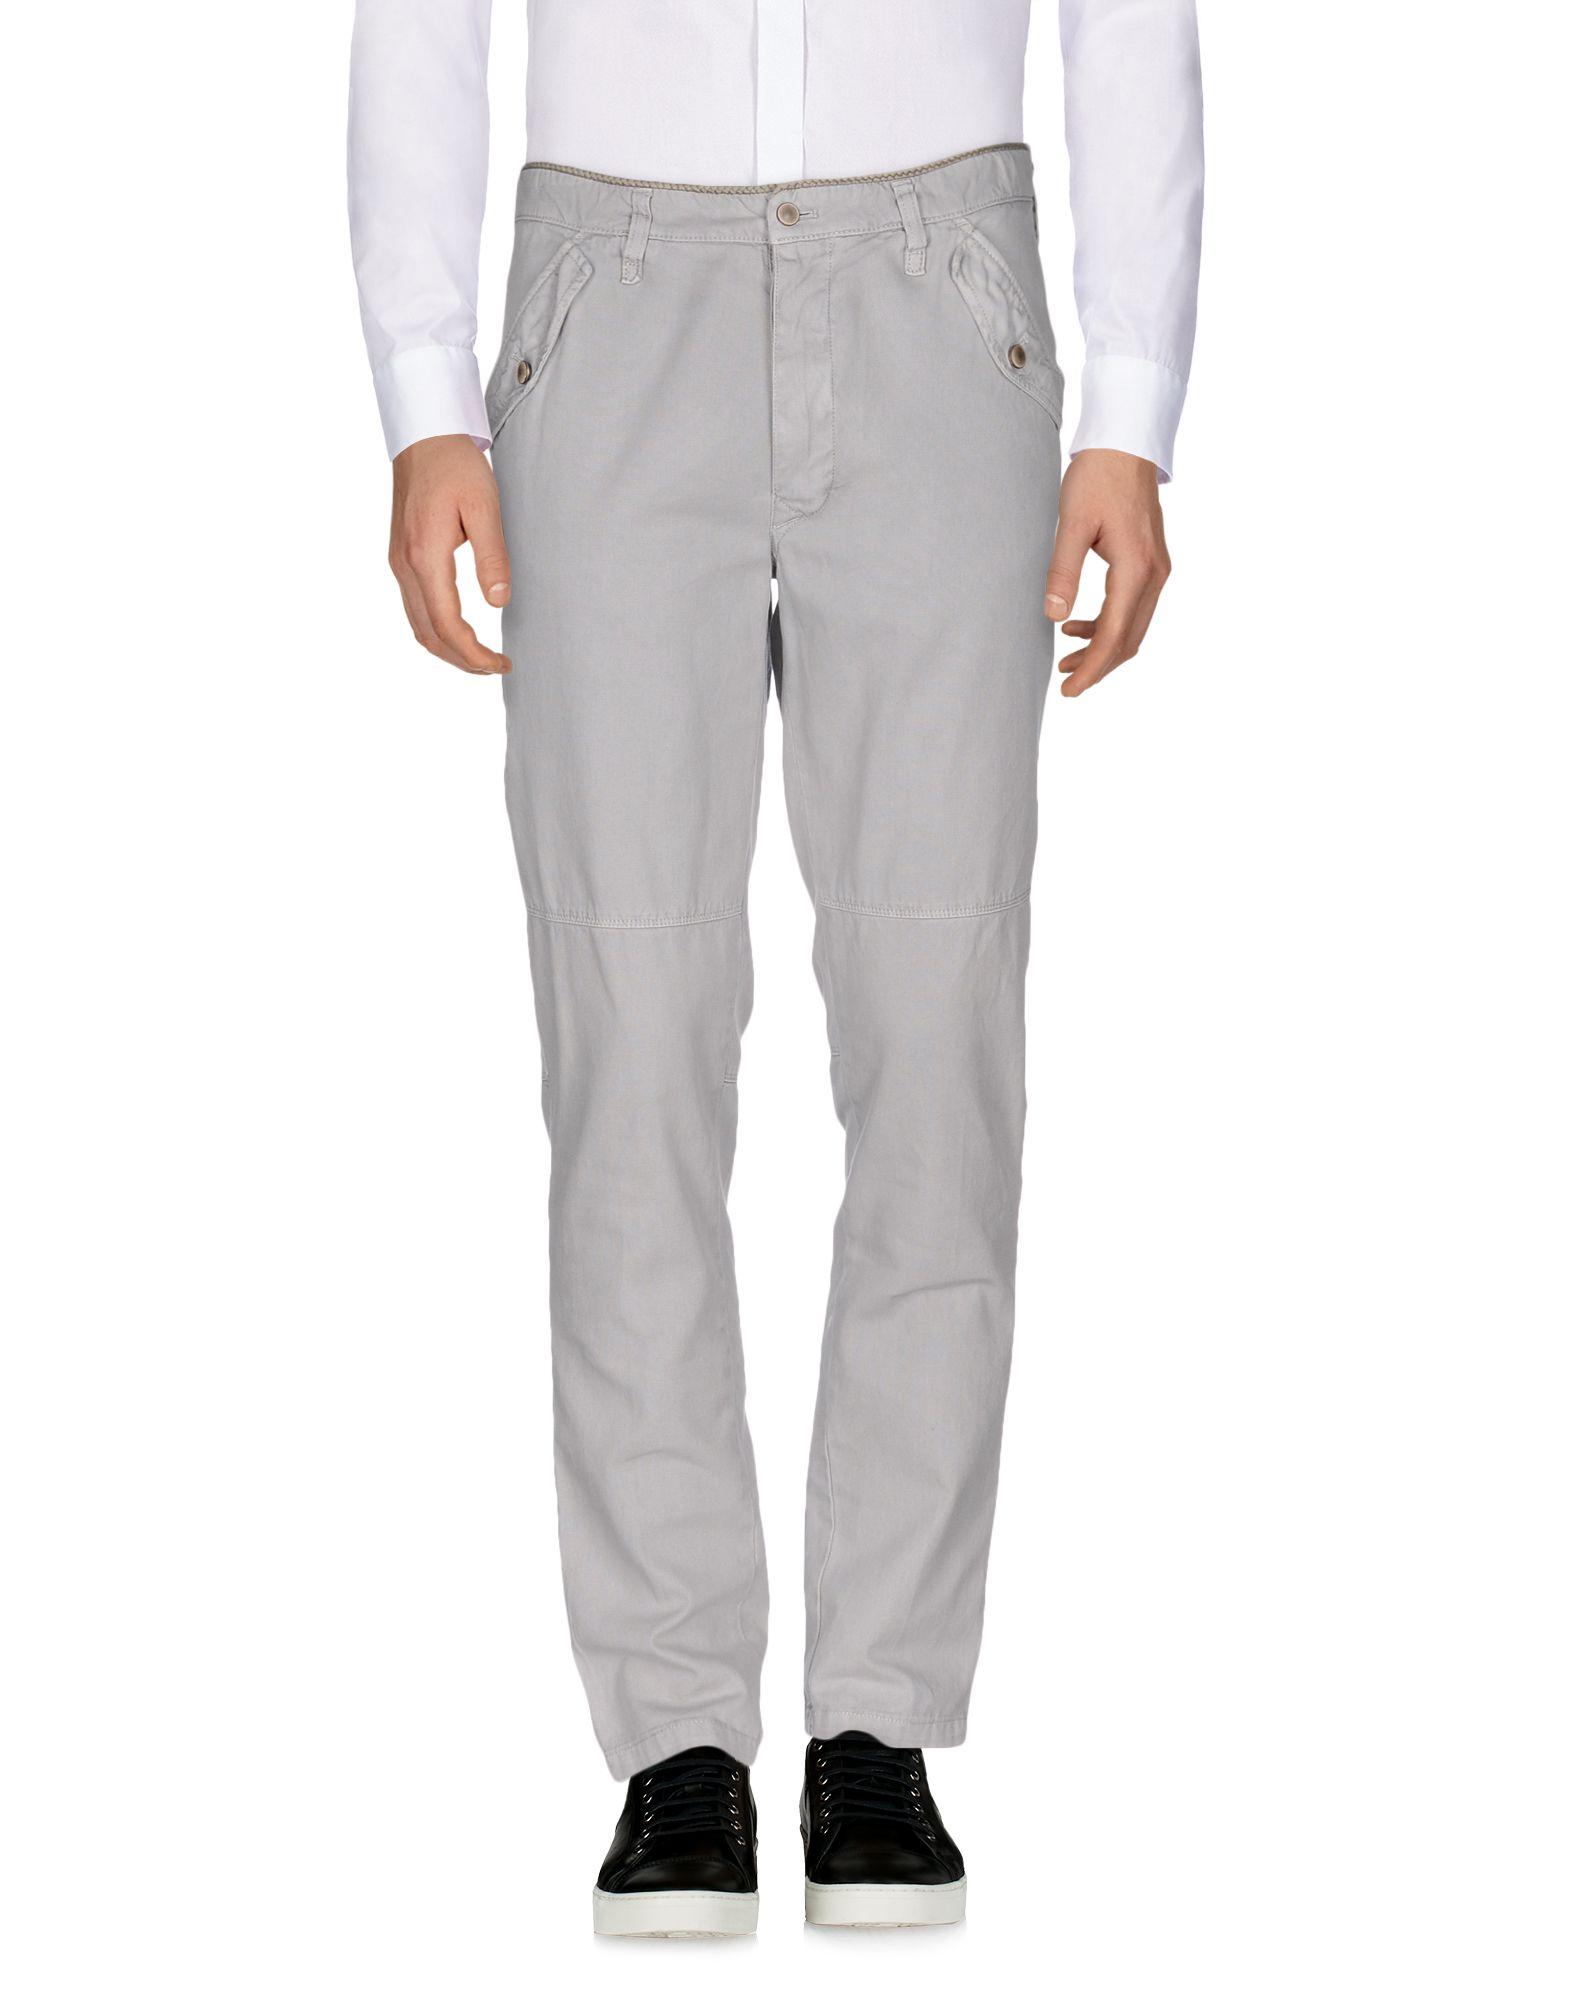 N° 4 FOUR Повседневные брюки брюки для беременных topshop 4 22